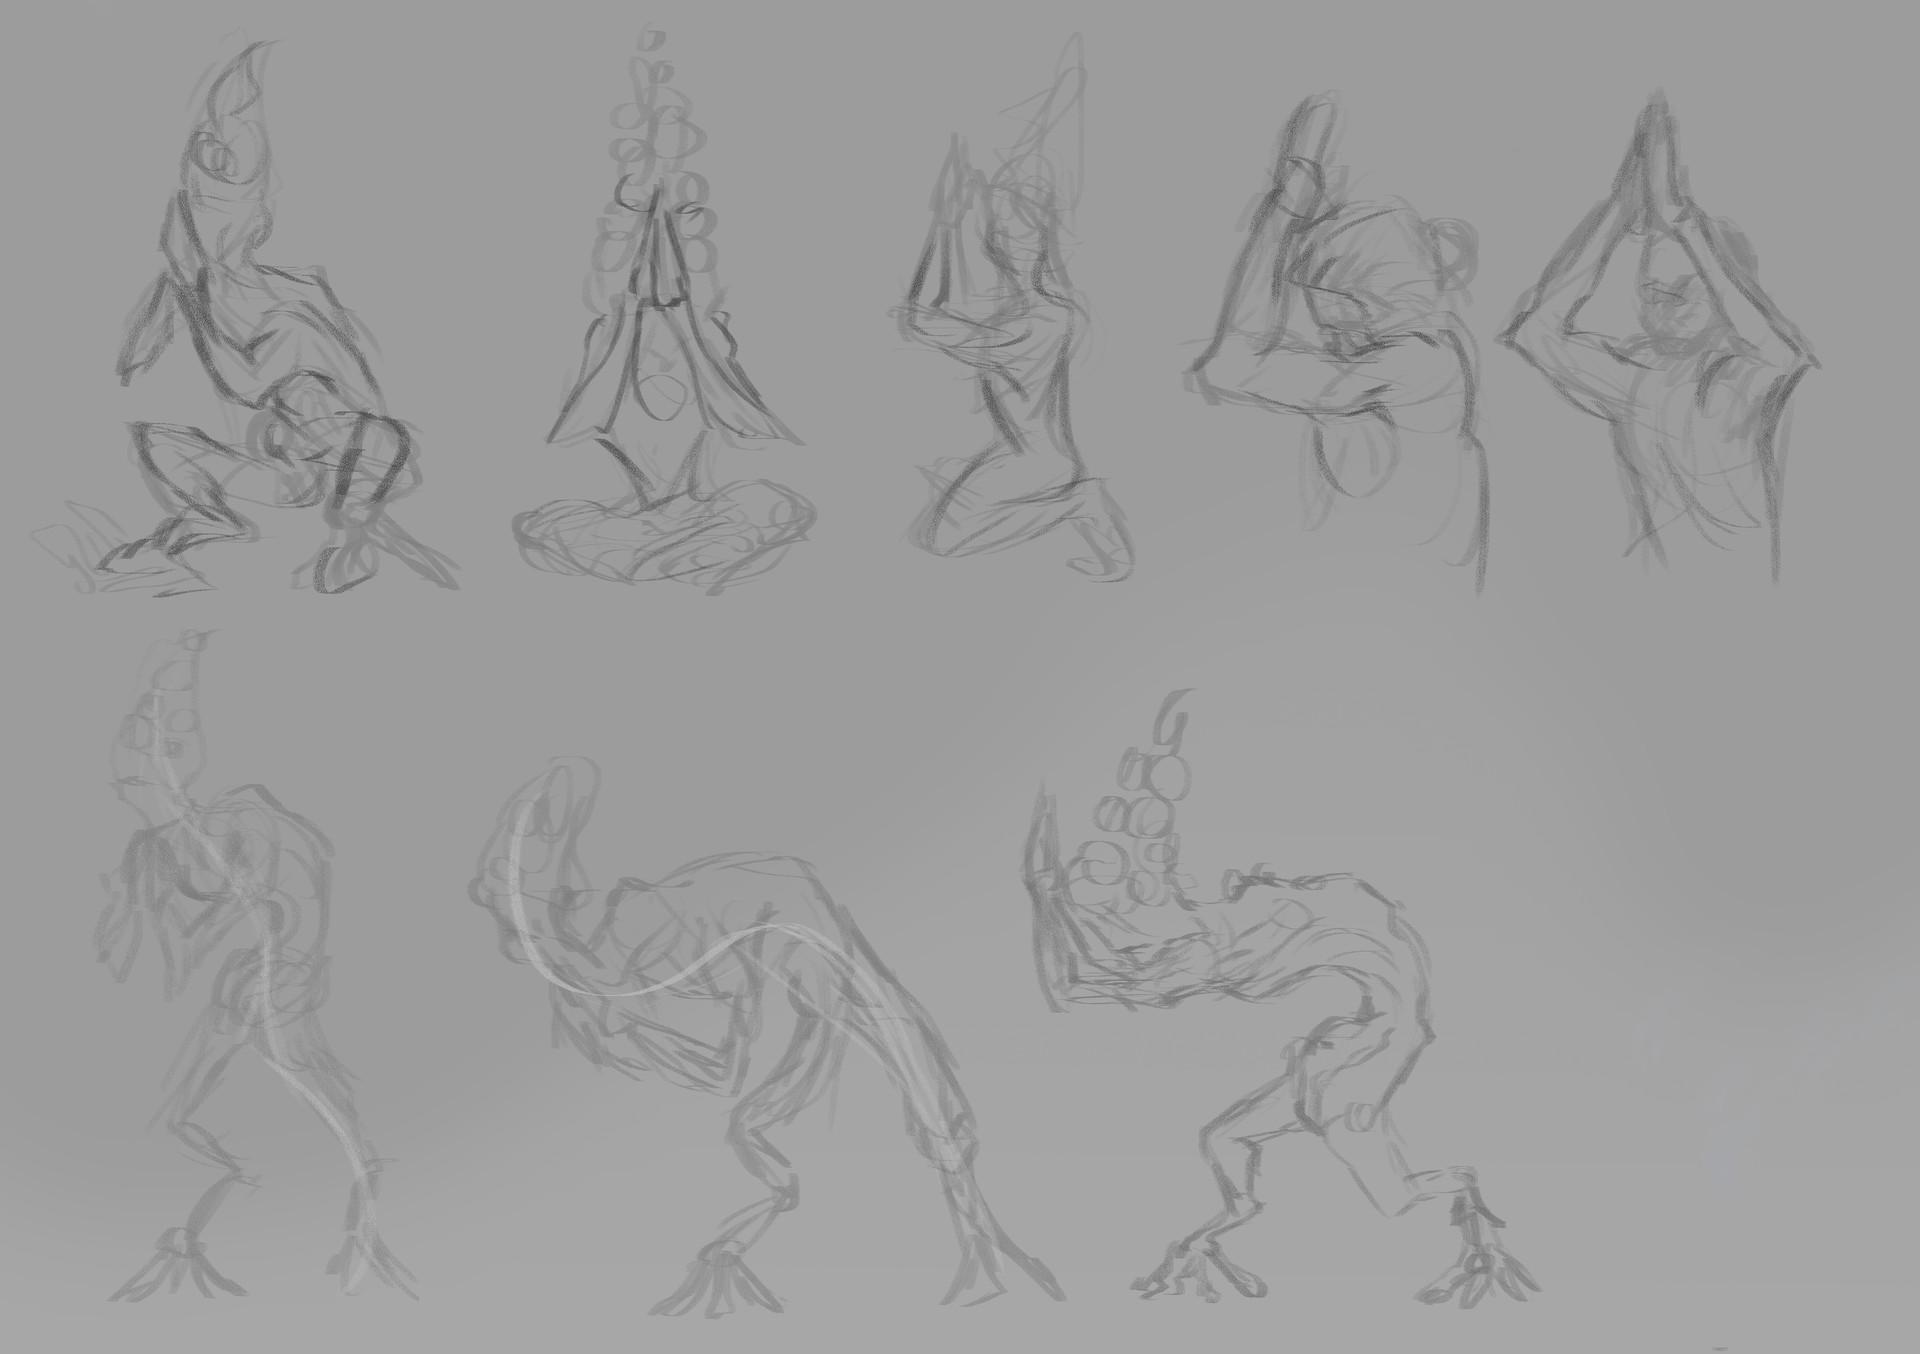 Tumen altangadas sketches v11